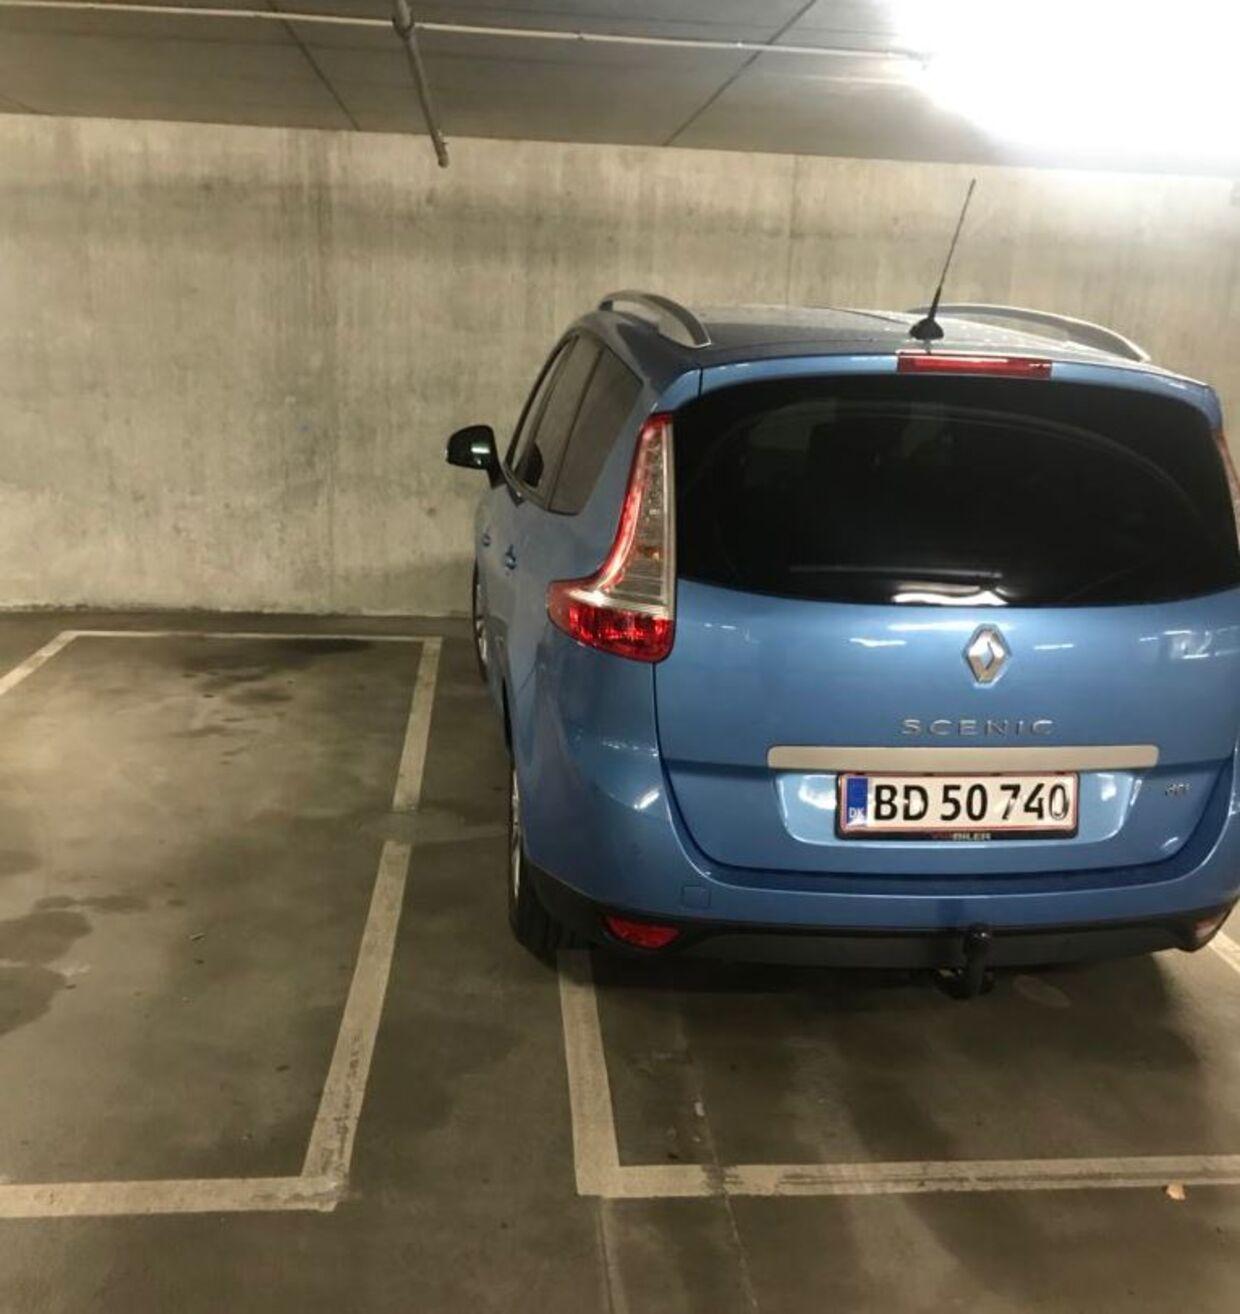 Benjamin Rud Elberth fik en bøde på 750 kroner for denne parkering.